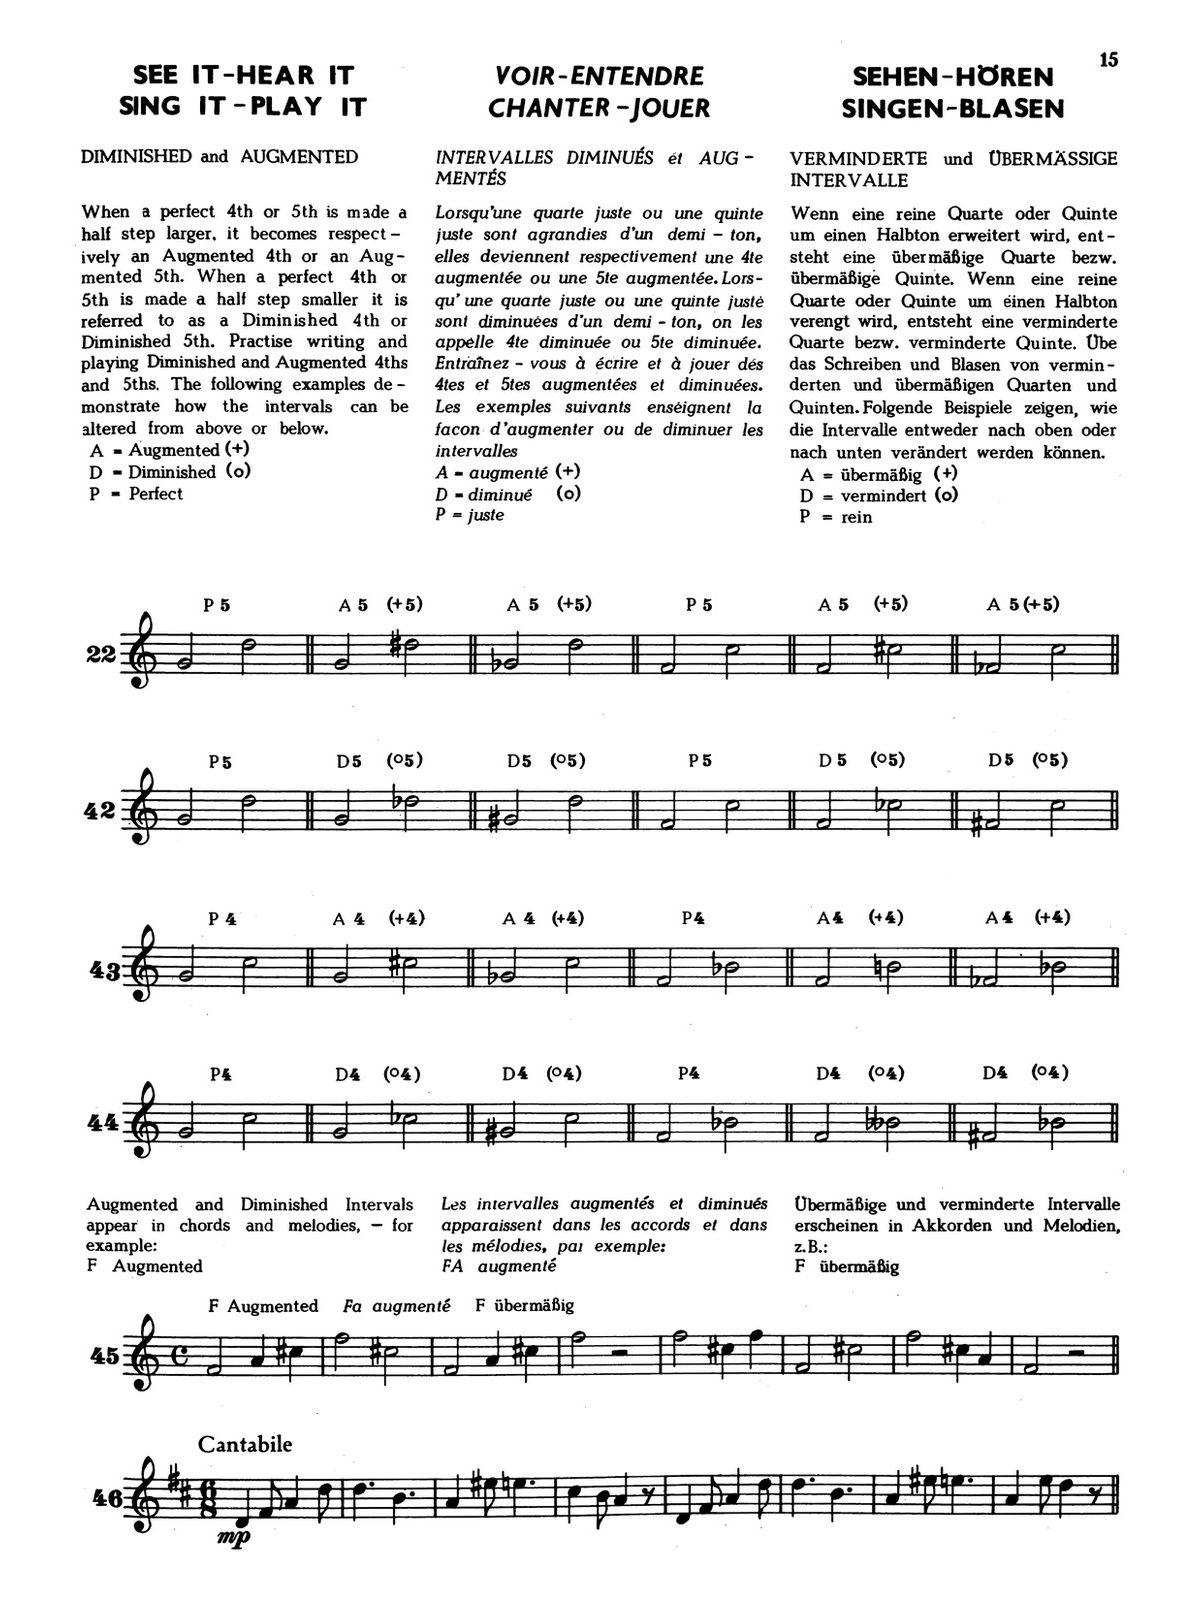 Gornston, Trumpet Method Part 2-p17